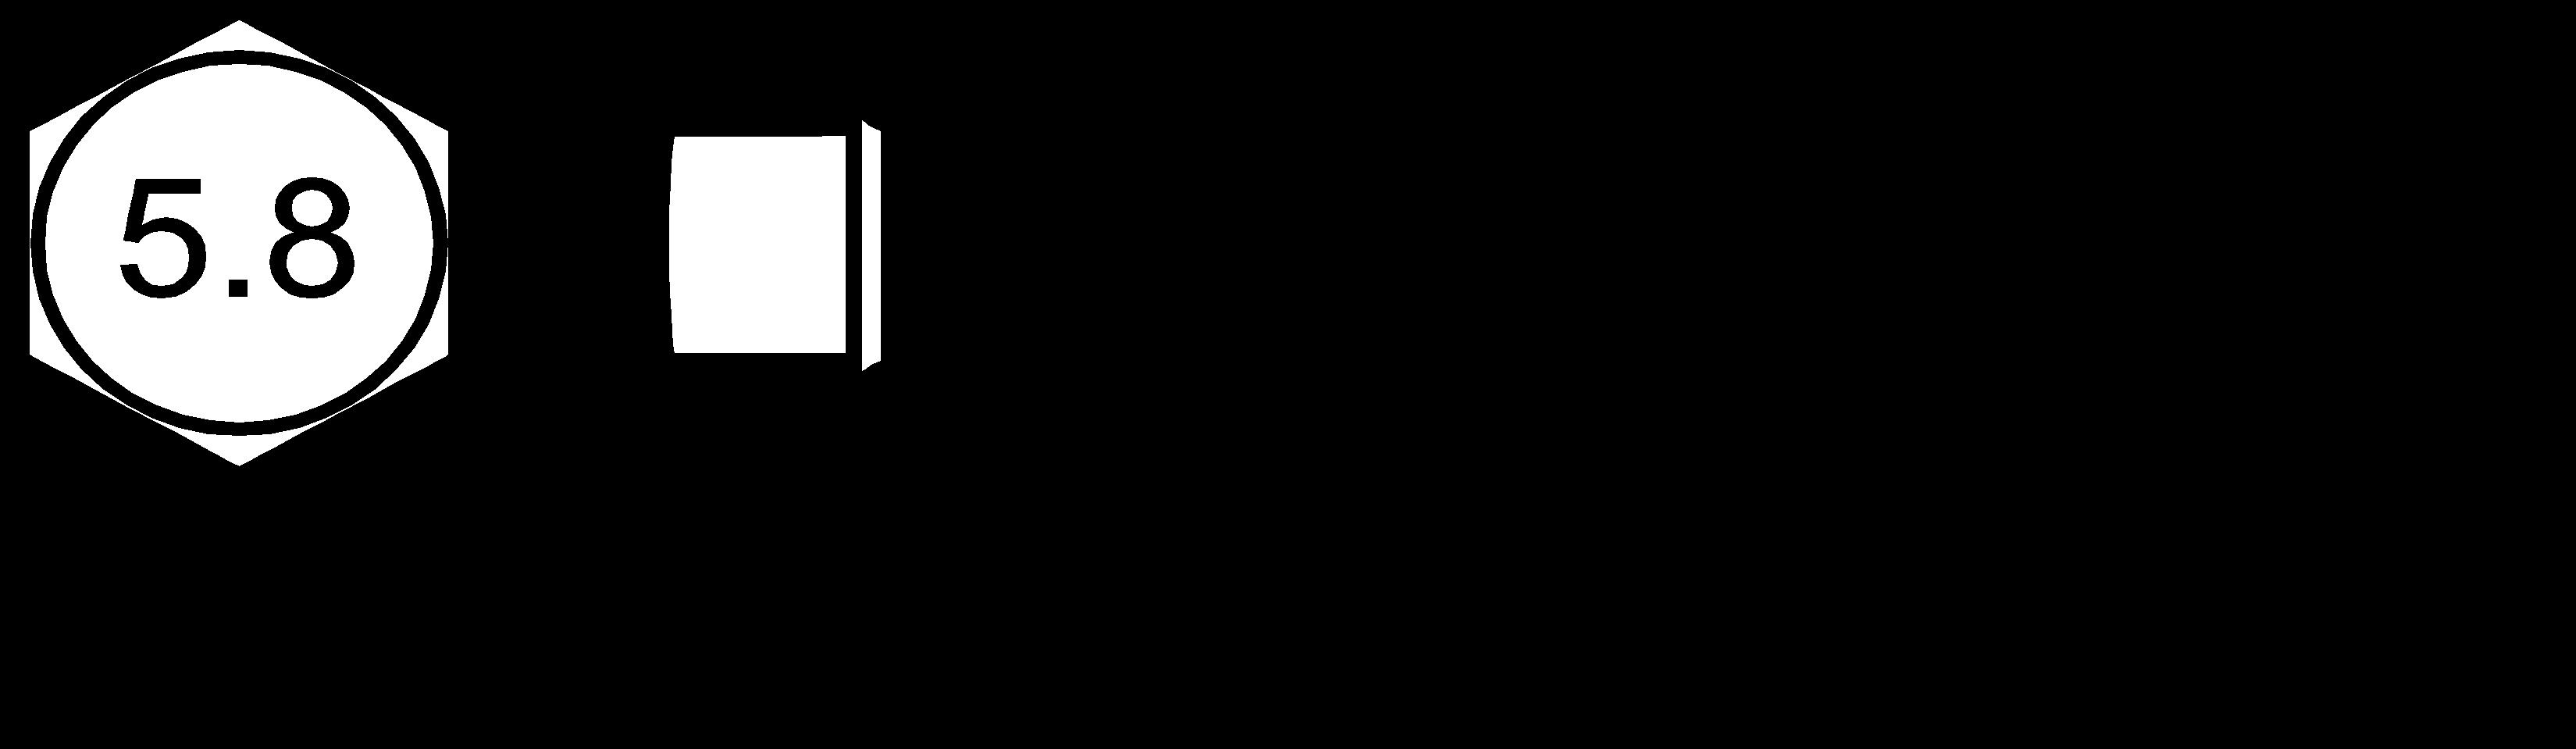 chertezh 5n6 kreptech